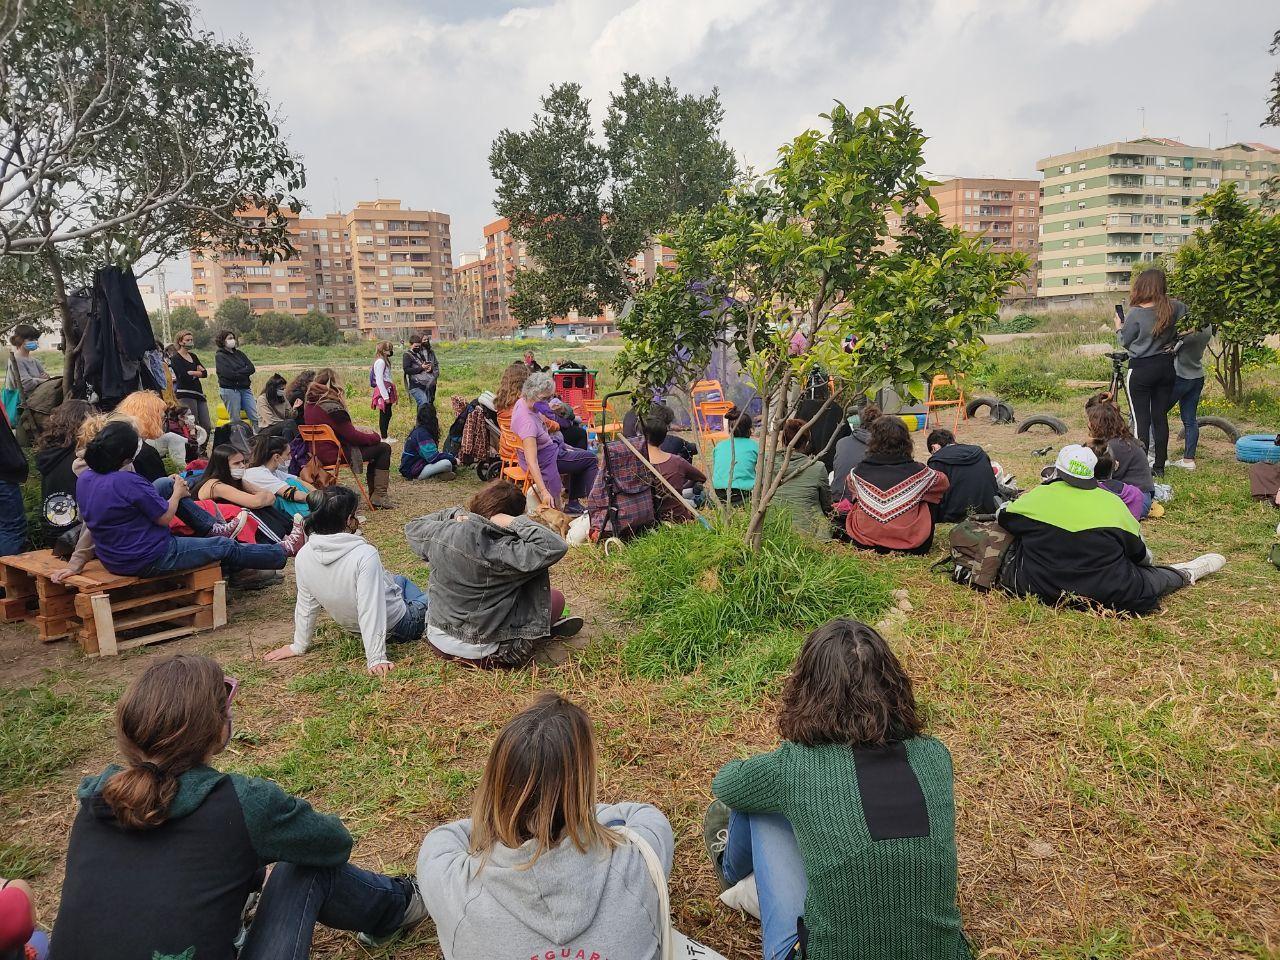 La Assemblea Feminista de València inicia los actos del 8 M